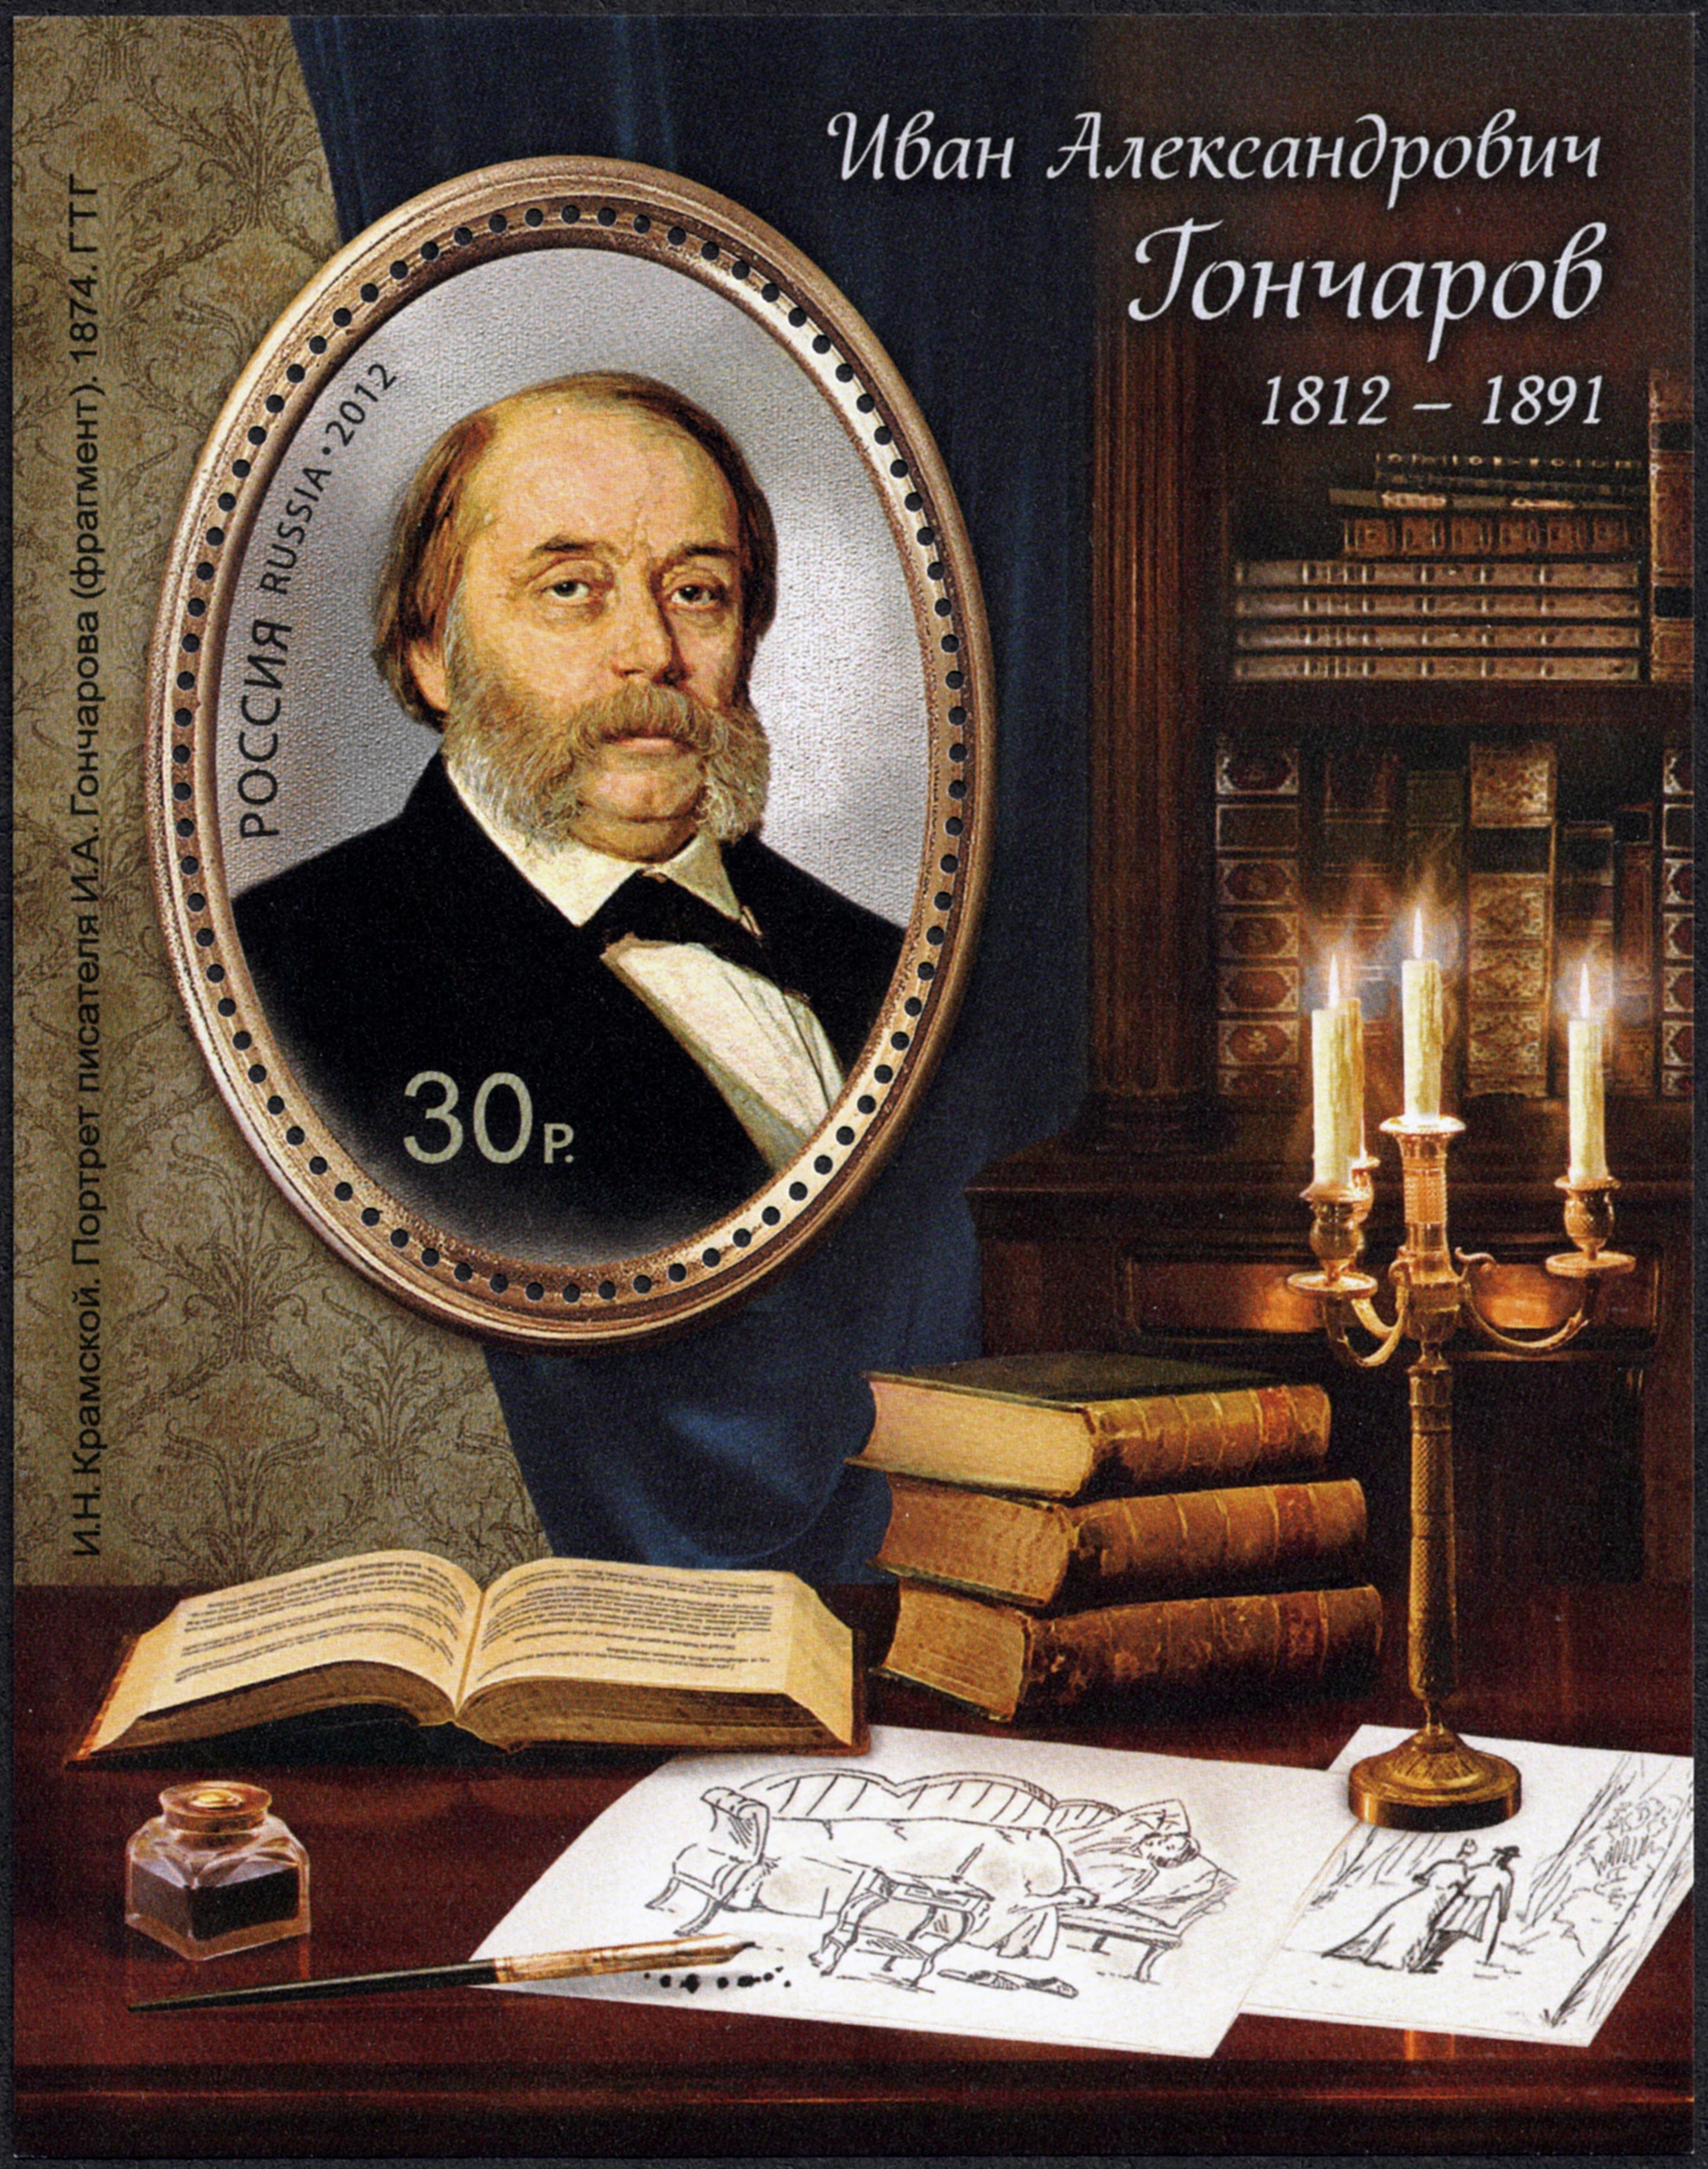 Ivan Goncharov, Ordinary history: summary, main characters, history of creation 48